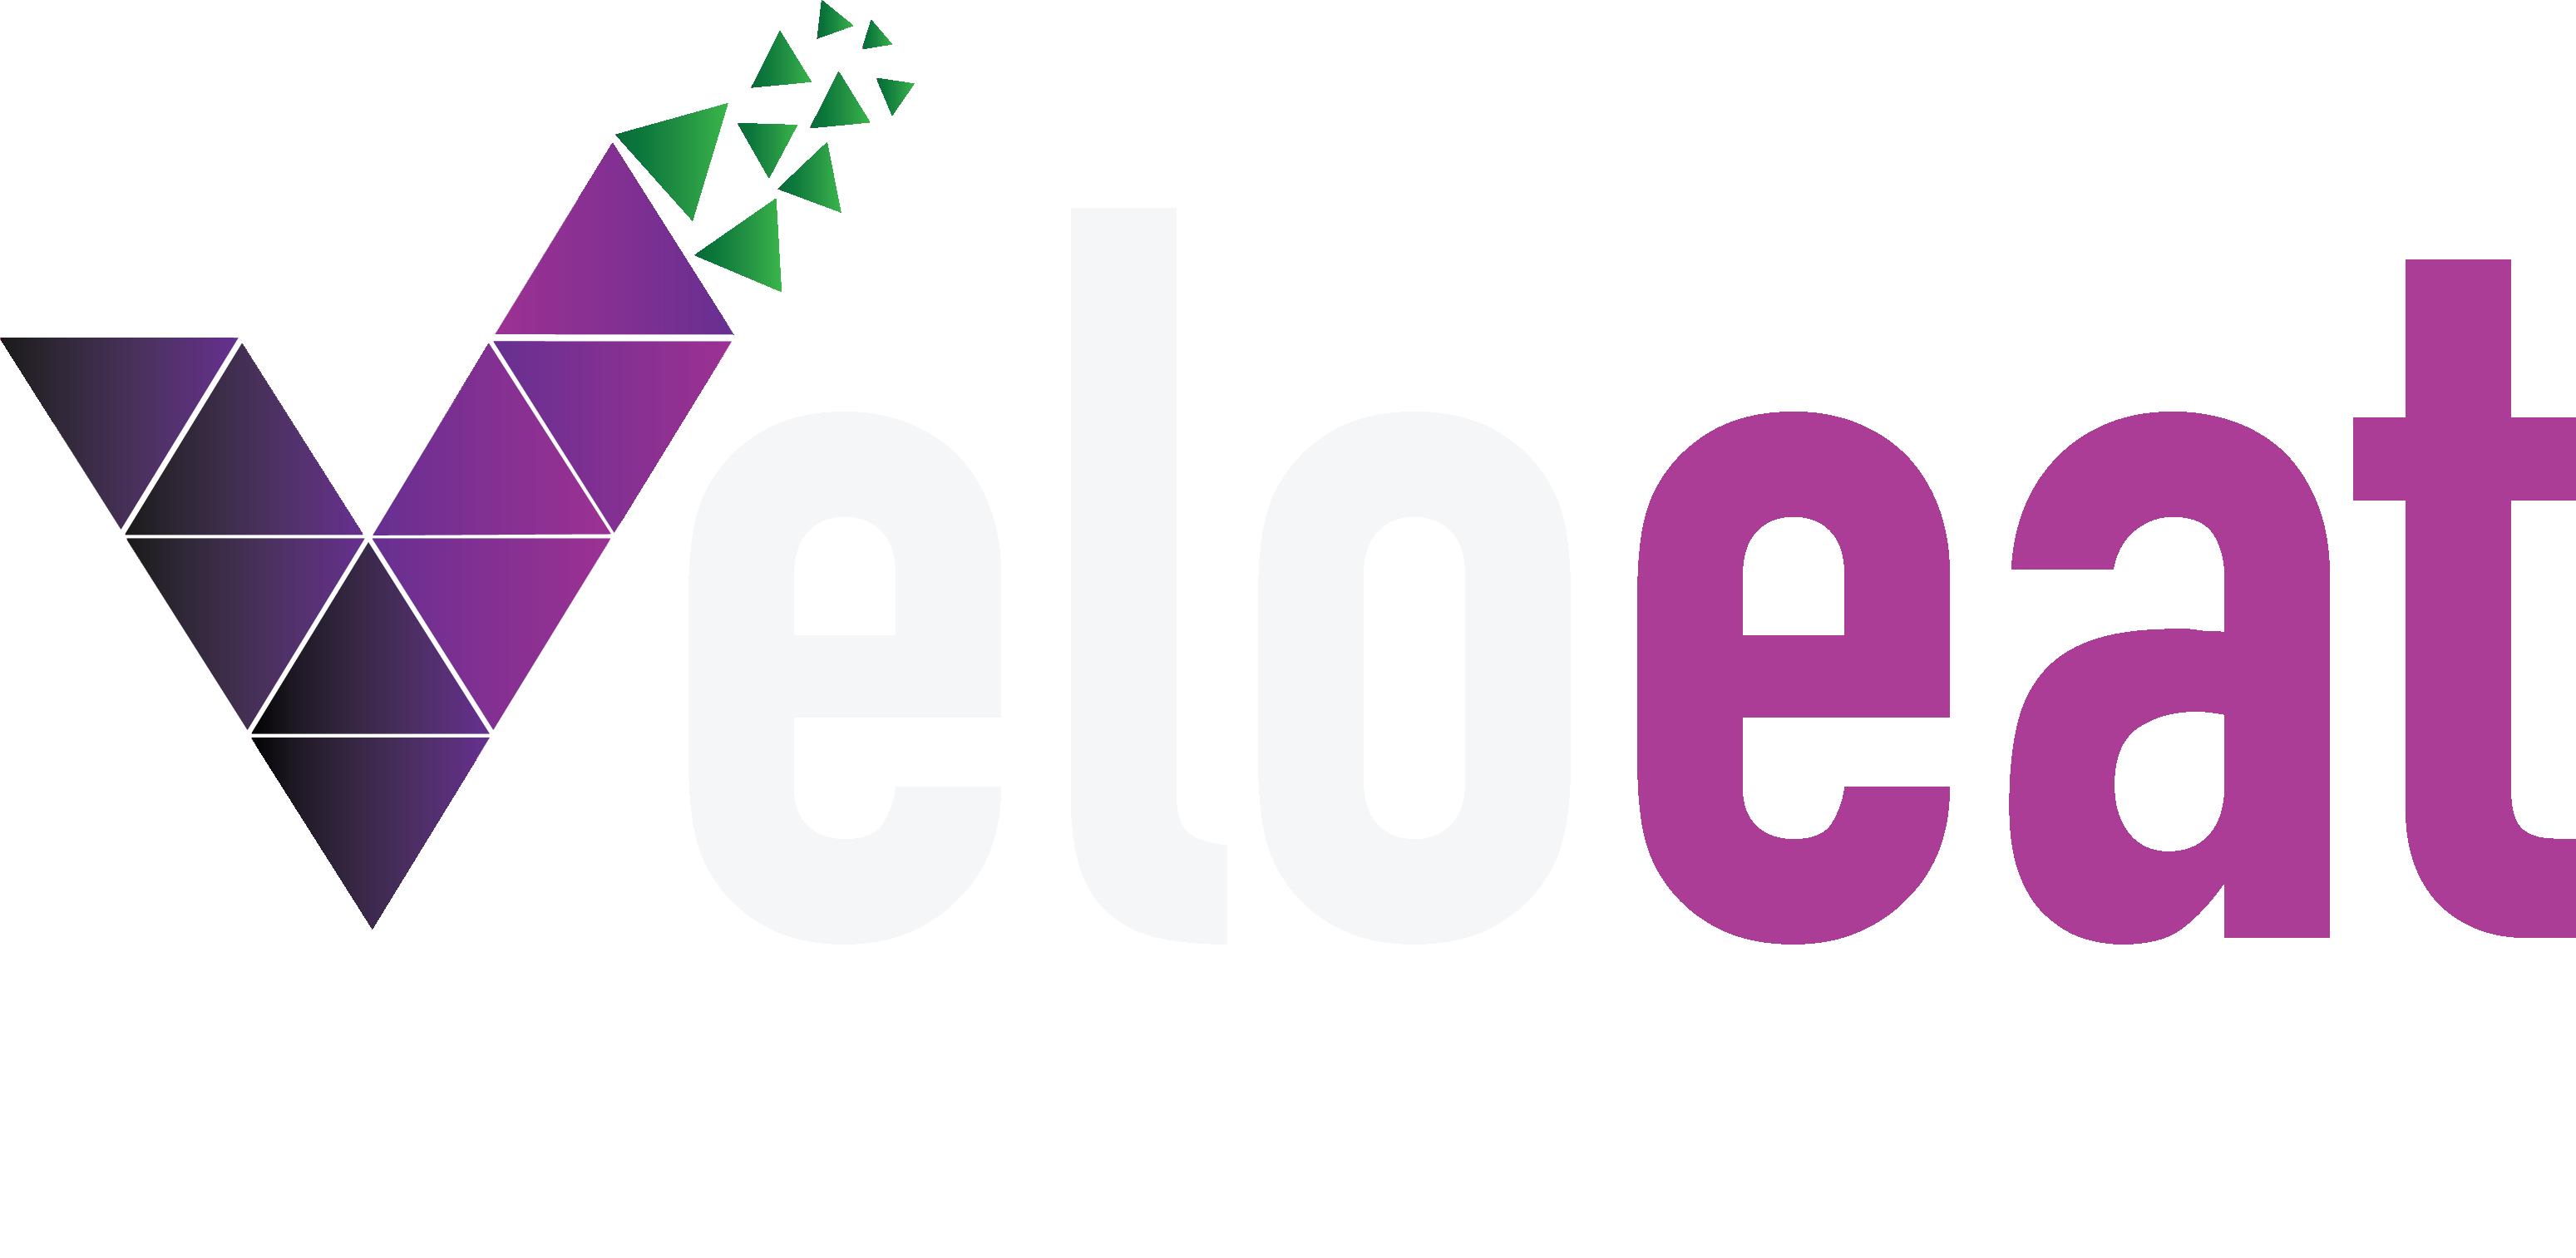 Veloeat